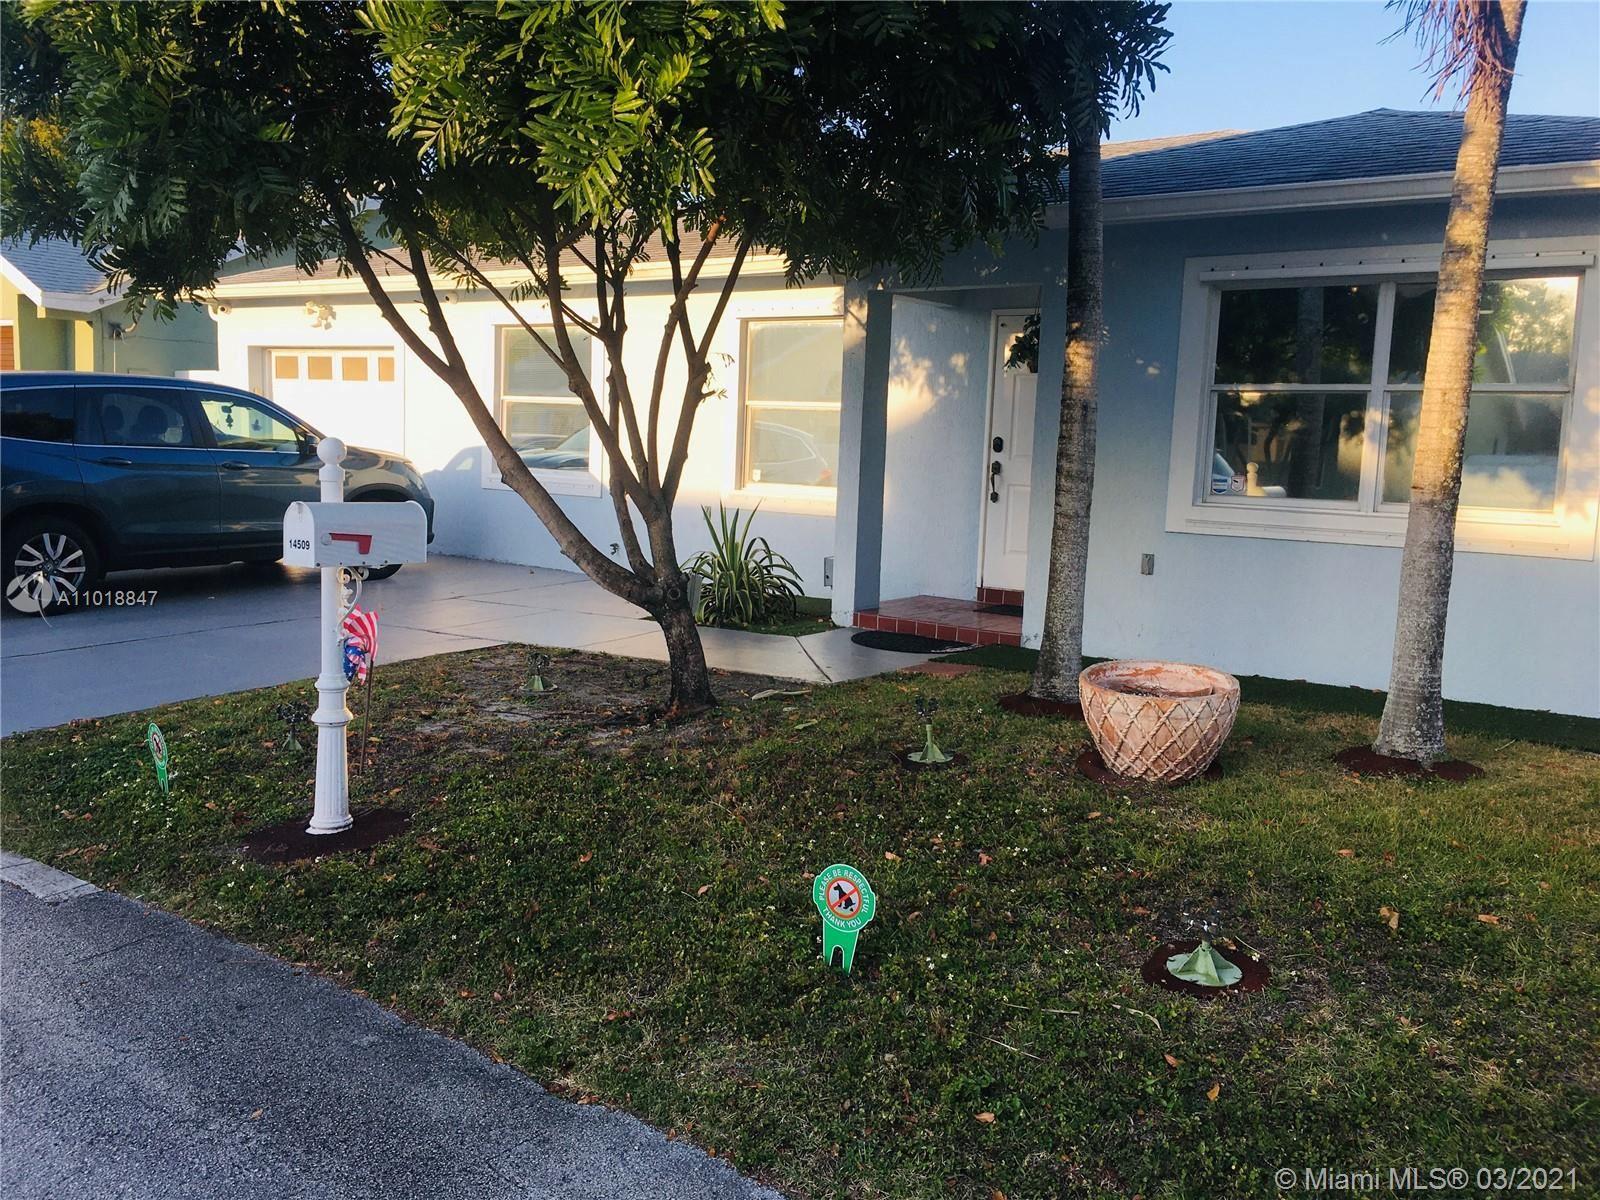 14509 SW 139th Ave Cir W, Miami, FL 33186 - #: A11018847